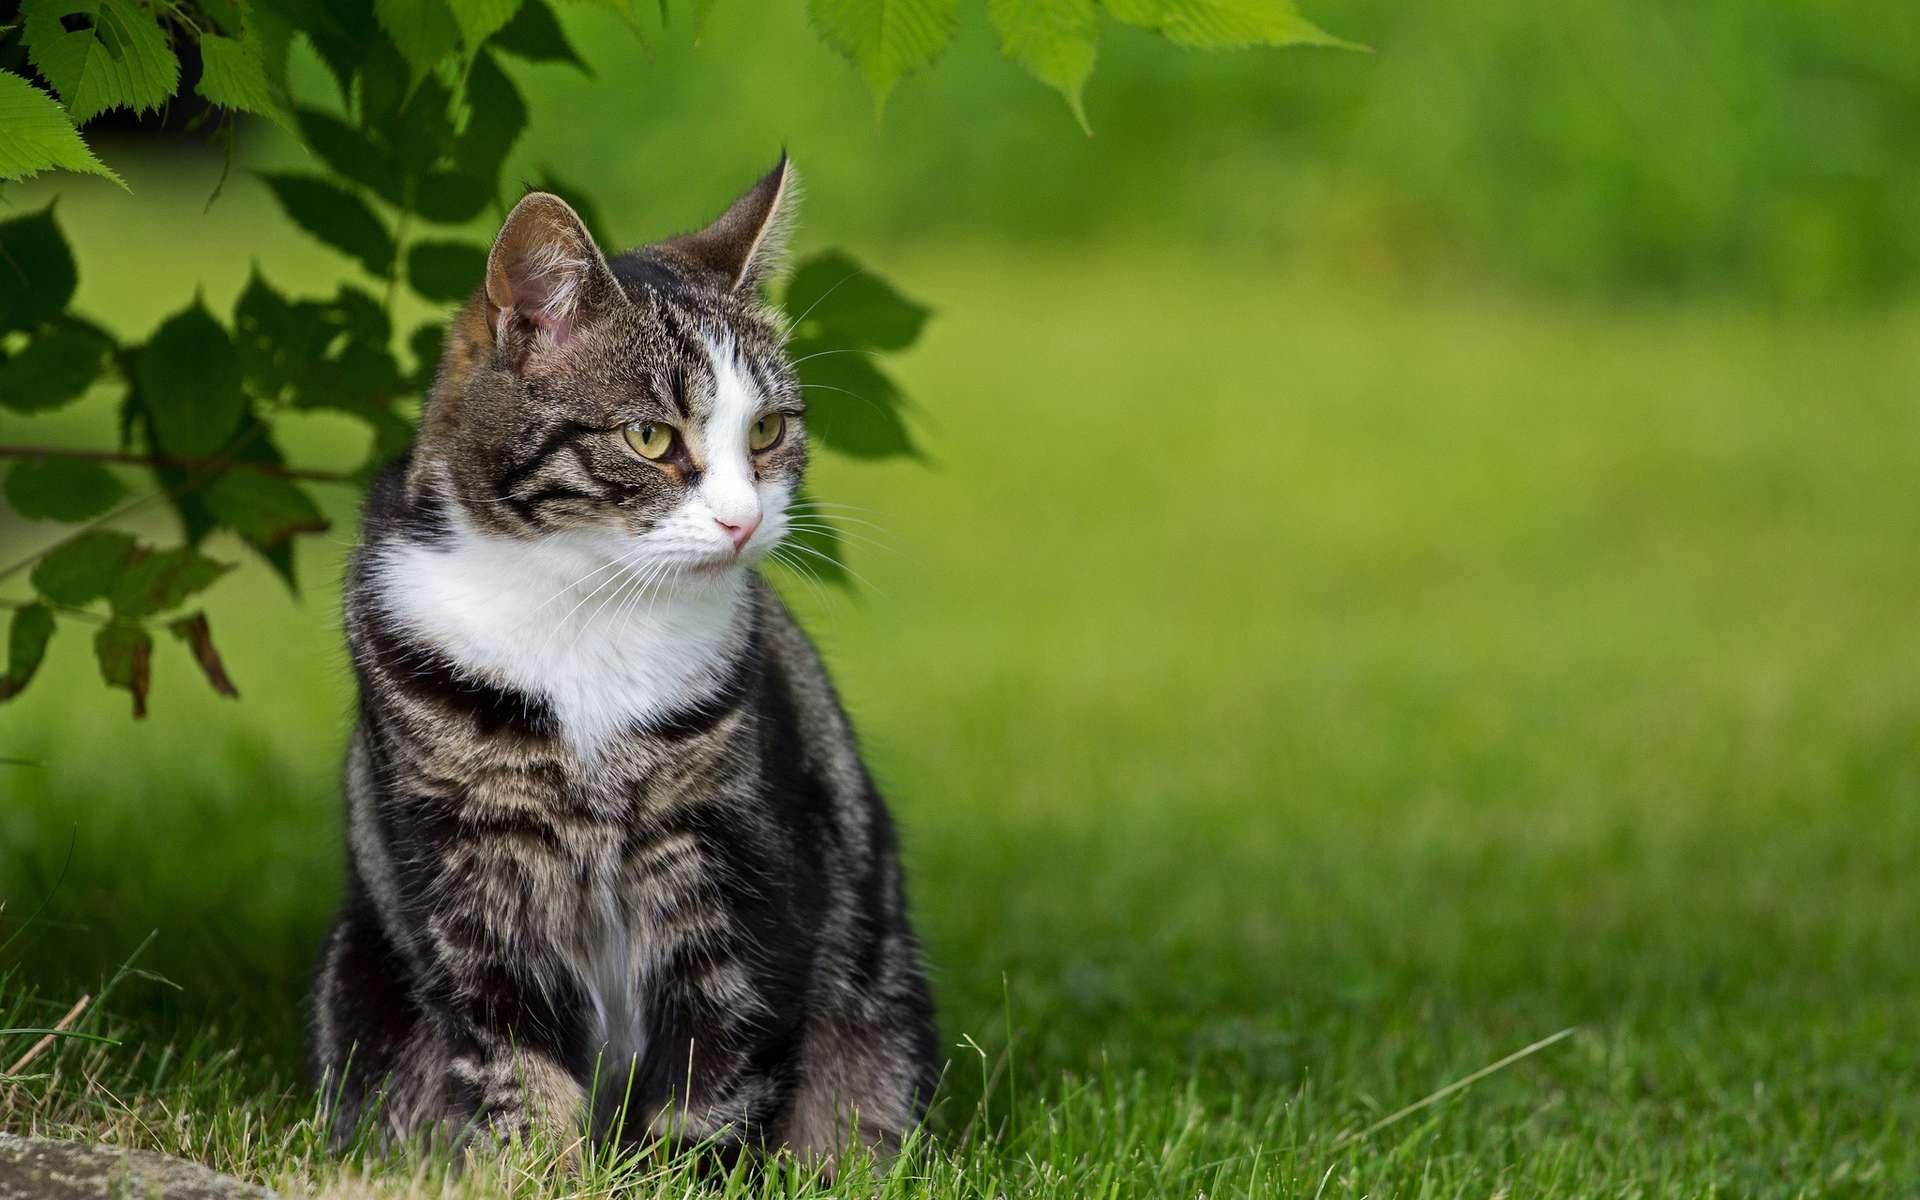 природа животное котенок кот  № 1981175 бесплатно